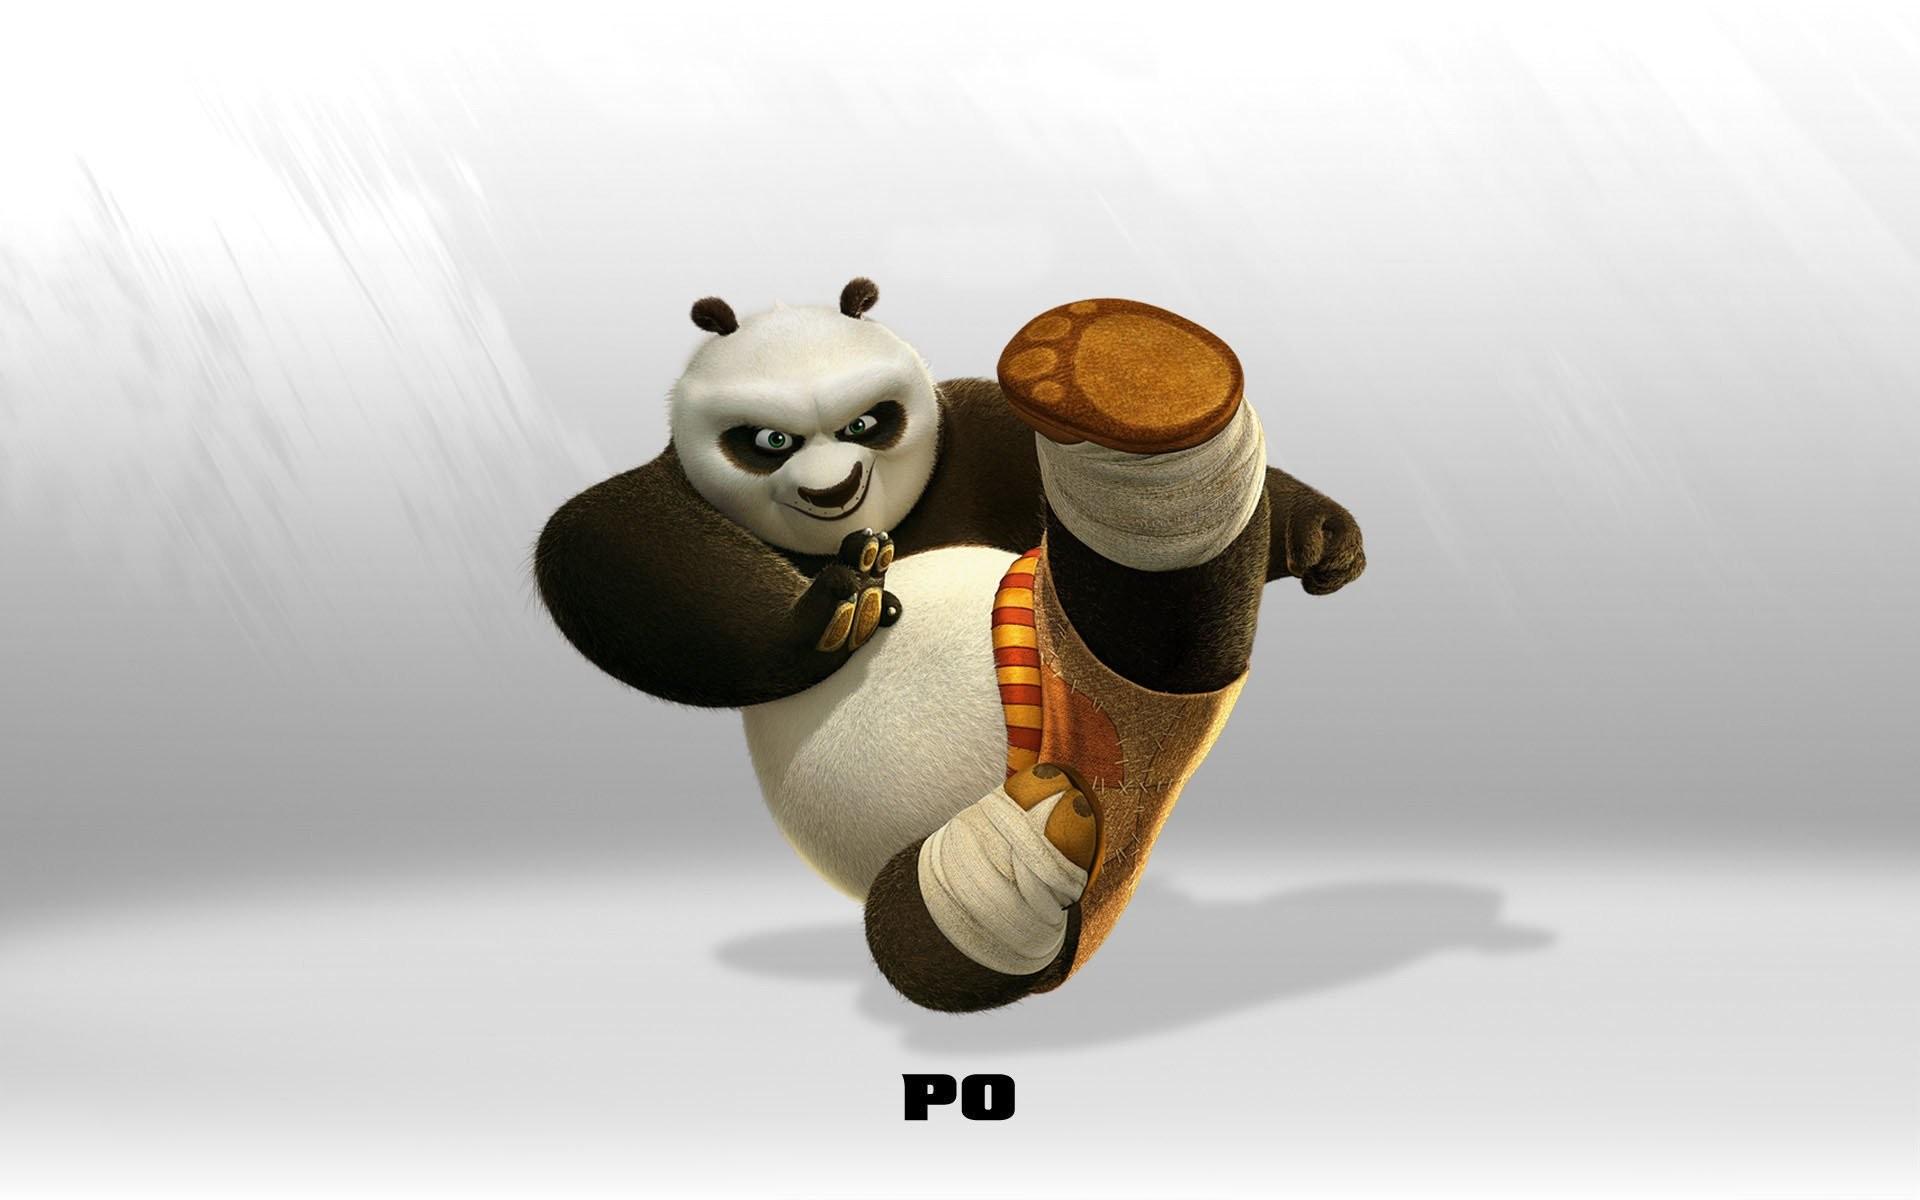 Panda Hd Wallpaper 79 Images